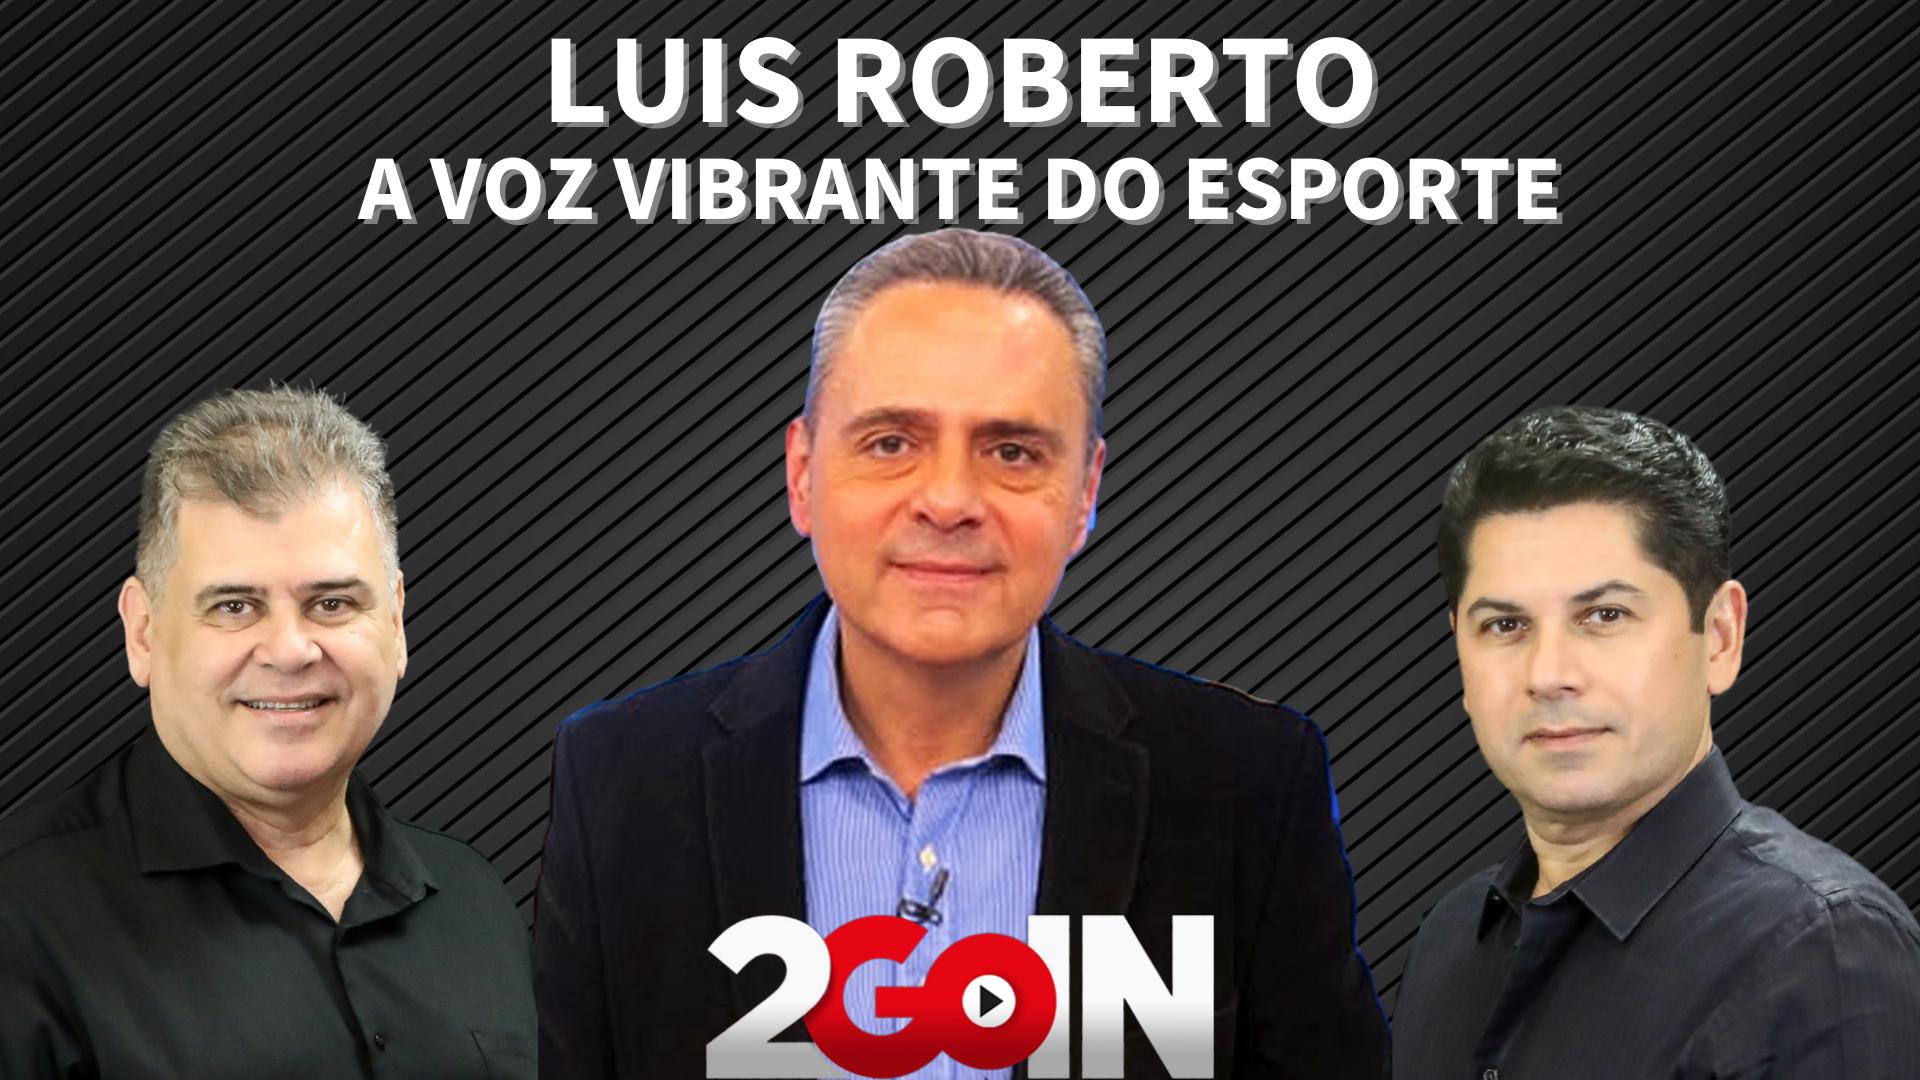 Luis Roberto – A voz vibrante do esporte